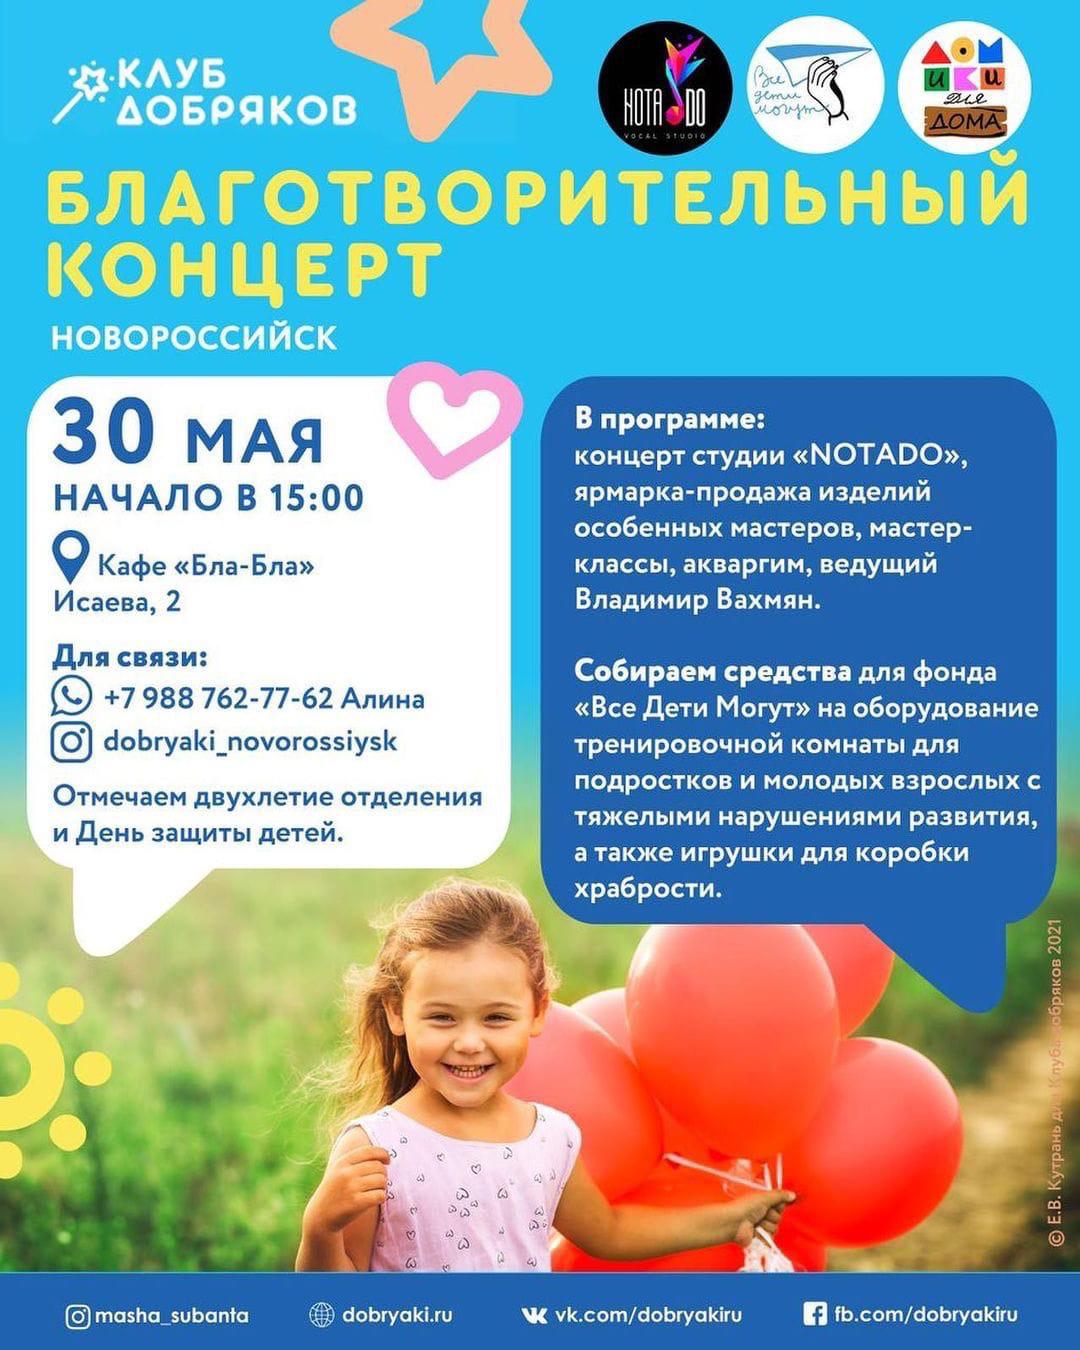 В Новороссийске пройдёт благотворительный концерт в честь двухлетия отделения